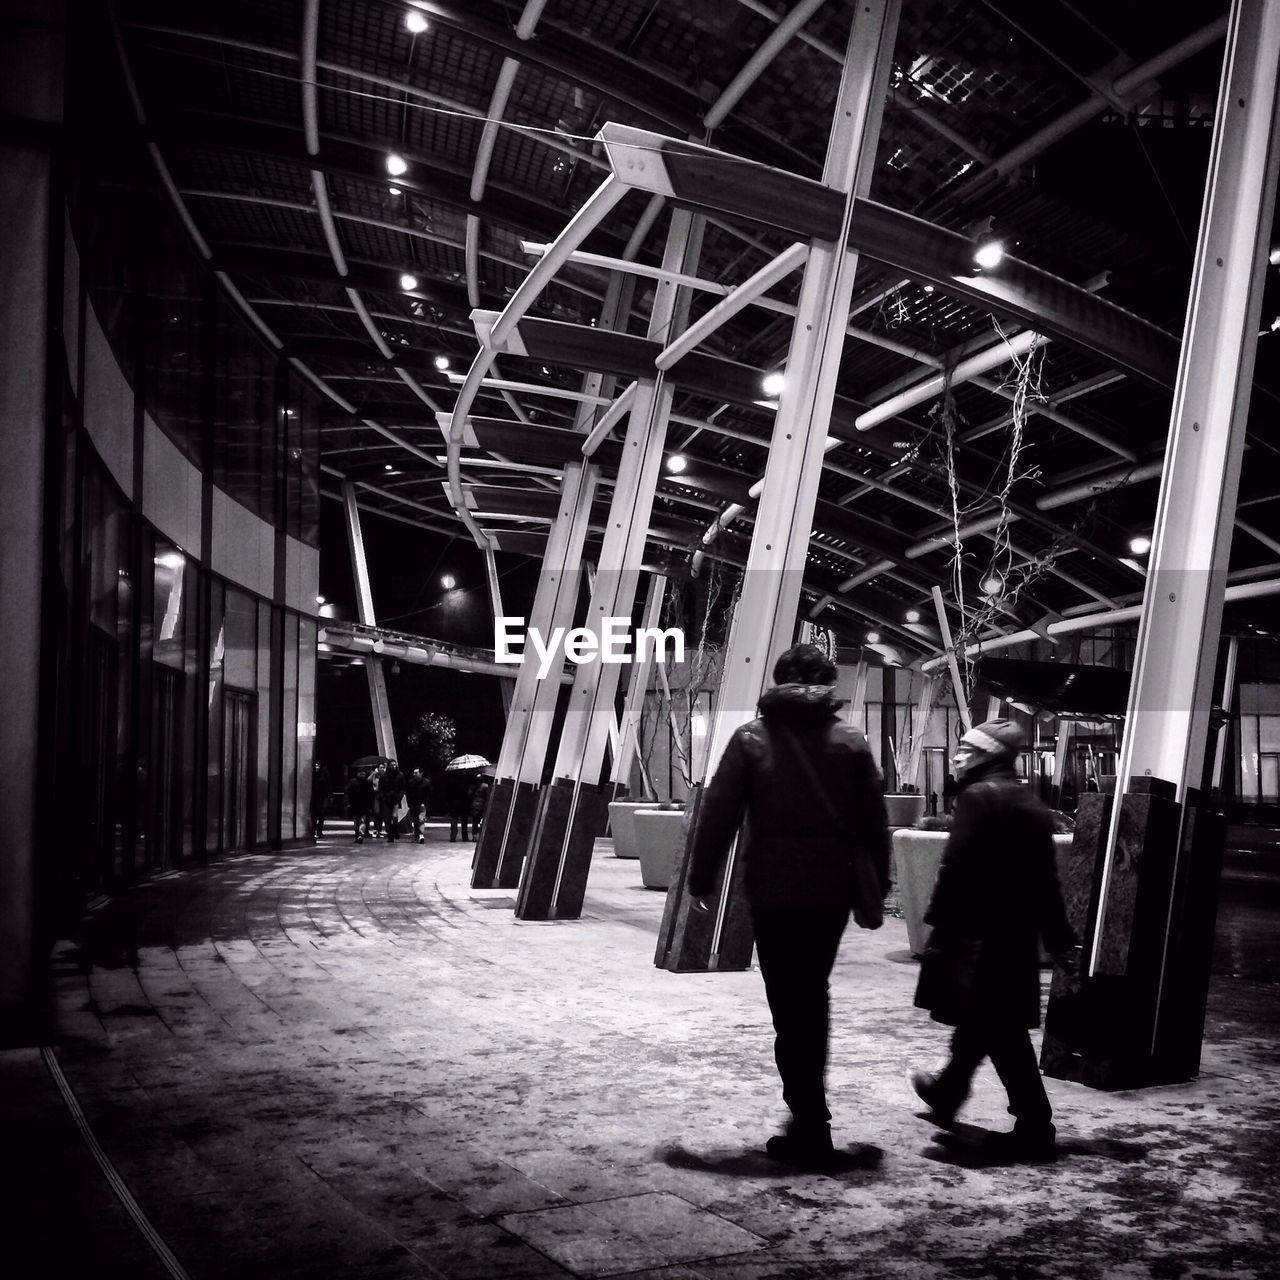 Men walking on covered street